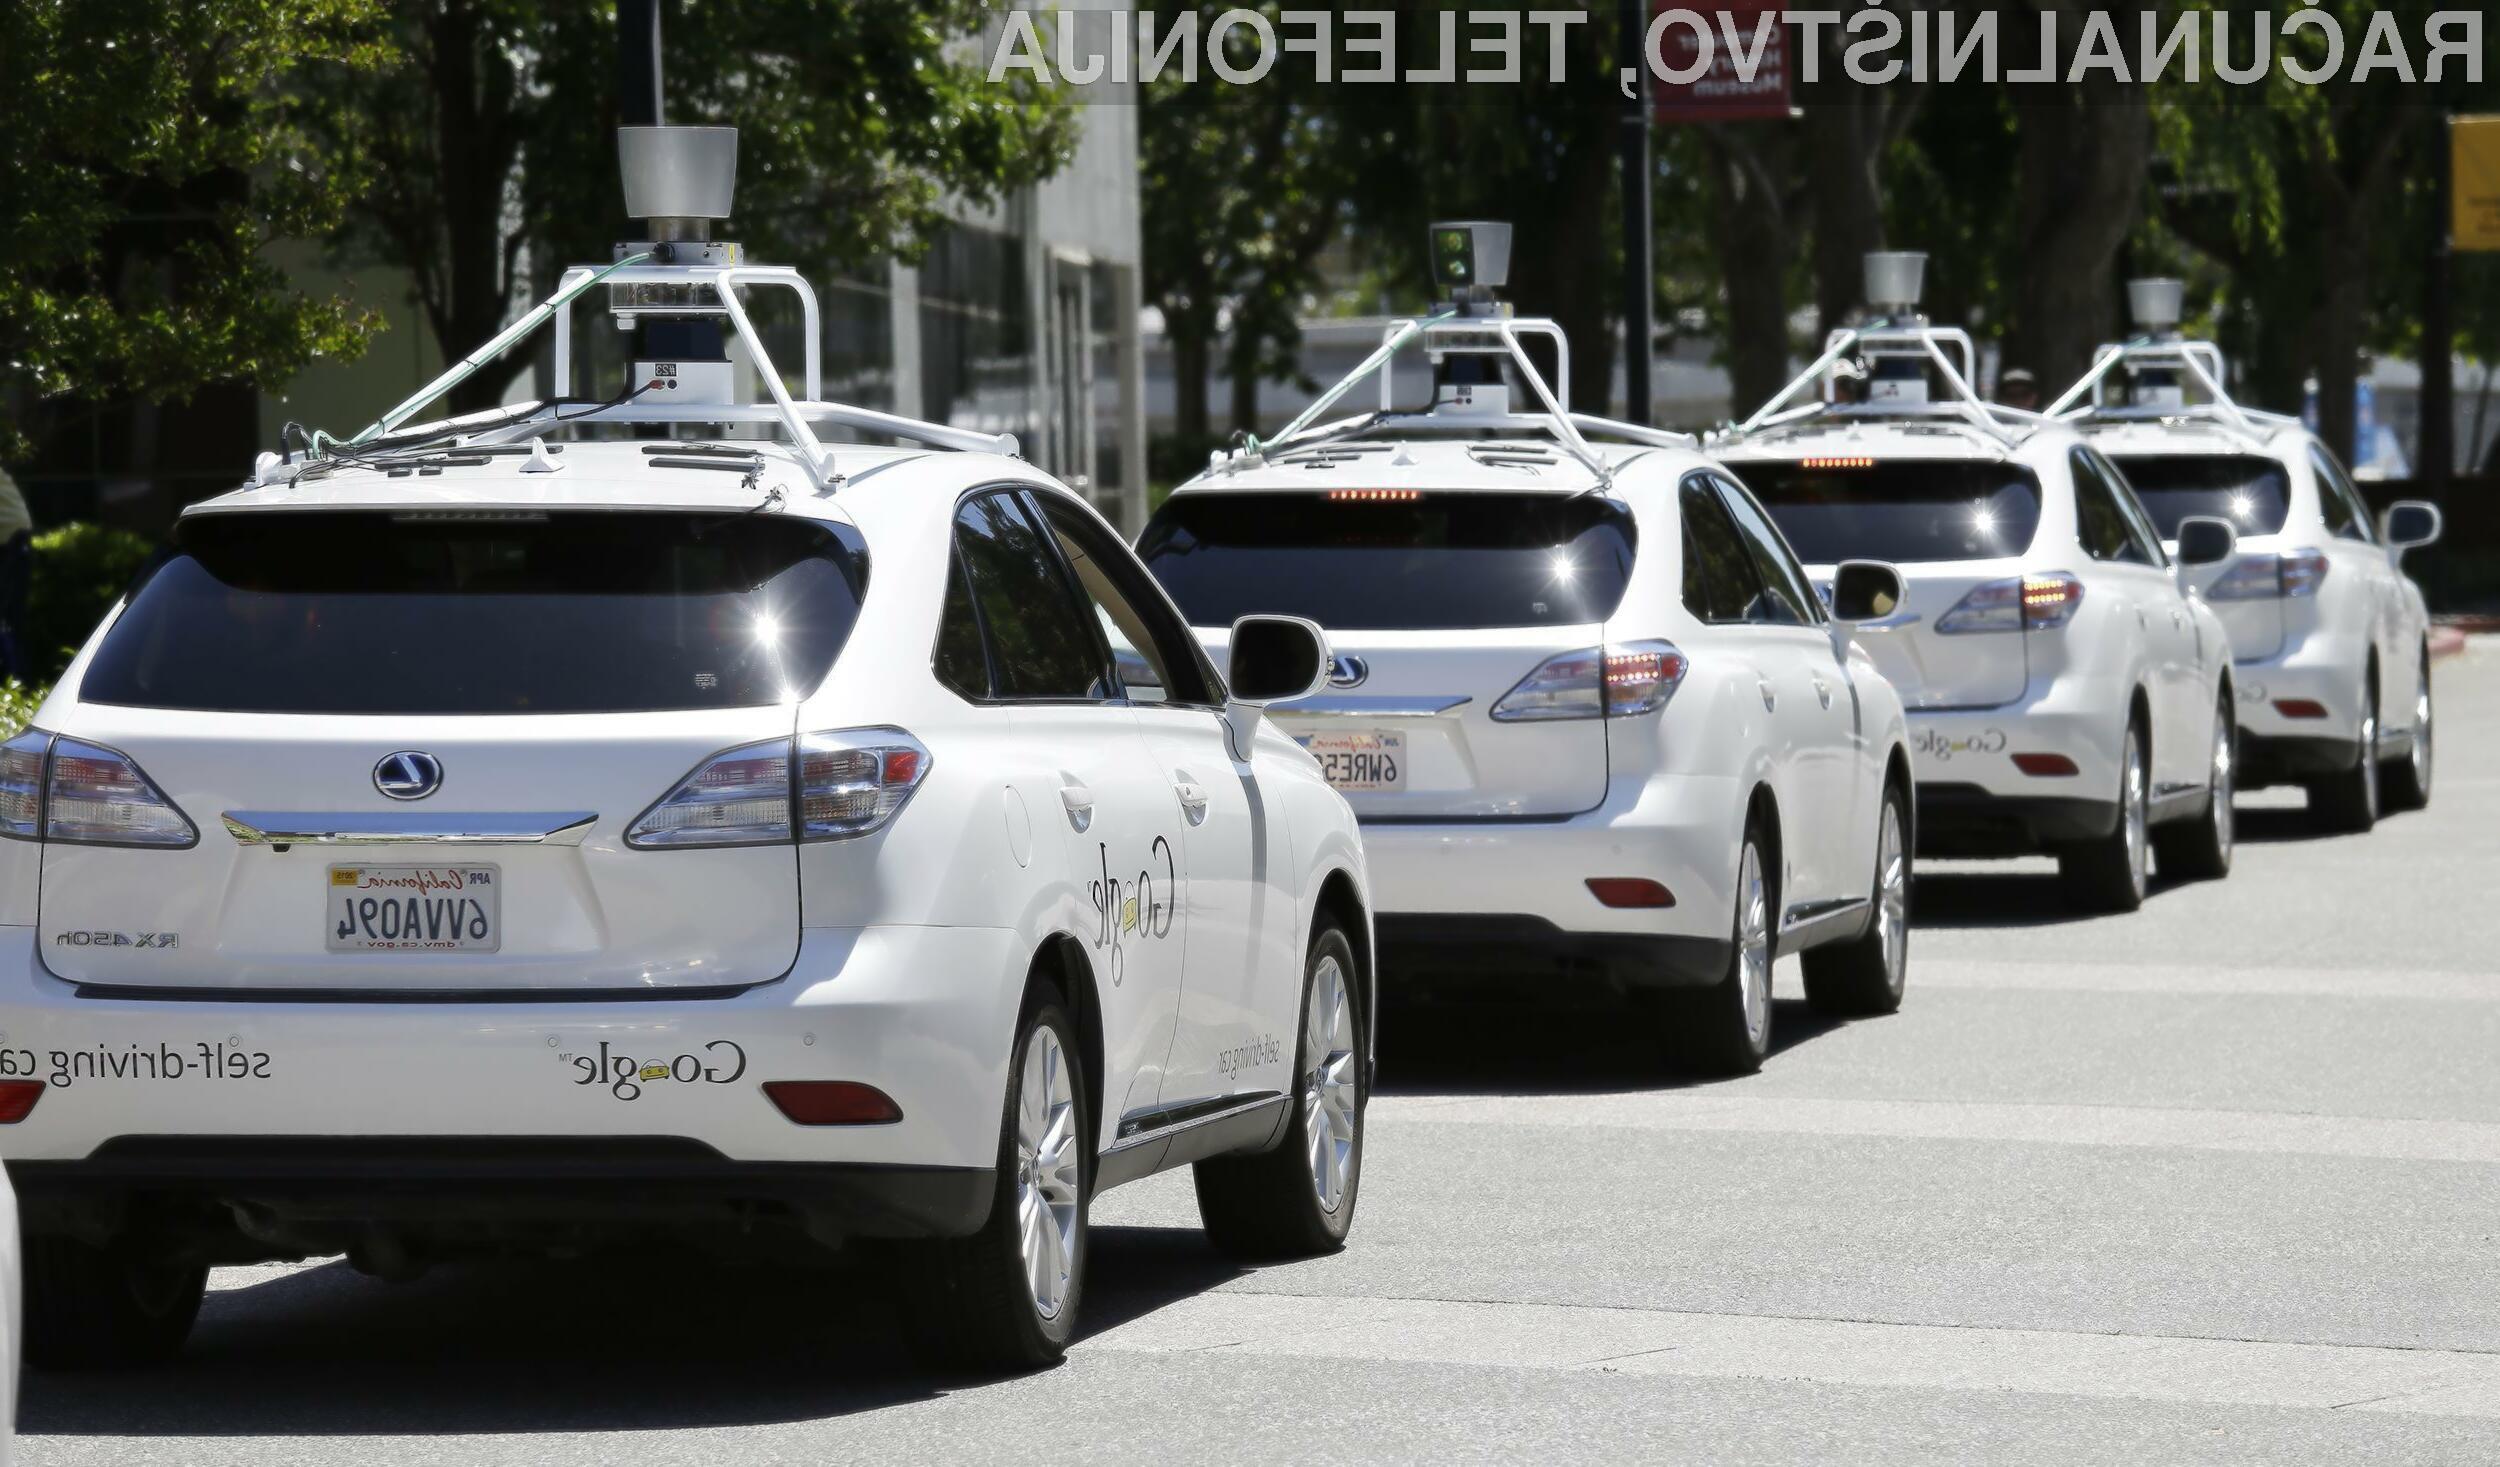 Avtomobili brez voznika bodo nedvomno prinesli precej več seksa za volanom!